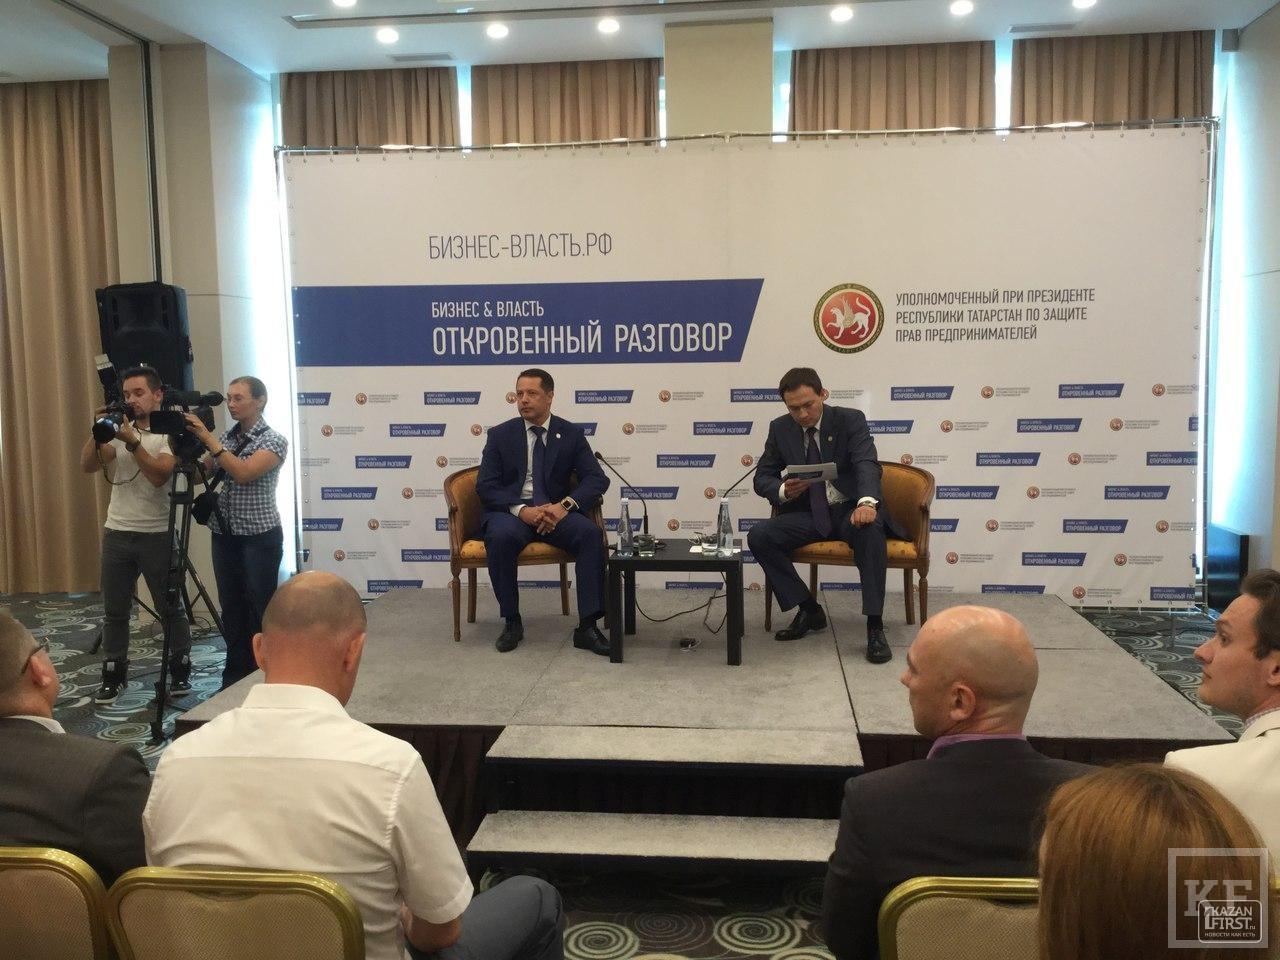 С 1 января 2016 года малый и средний бизнес в Татарстане будет освобожден от платы за воздействие на природу